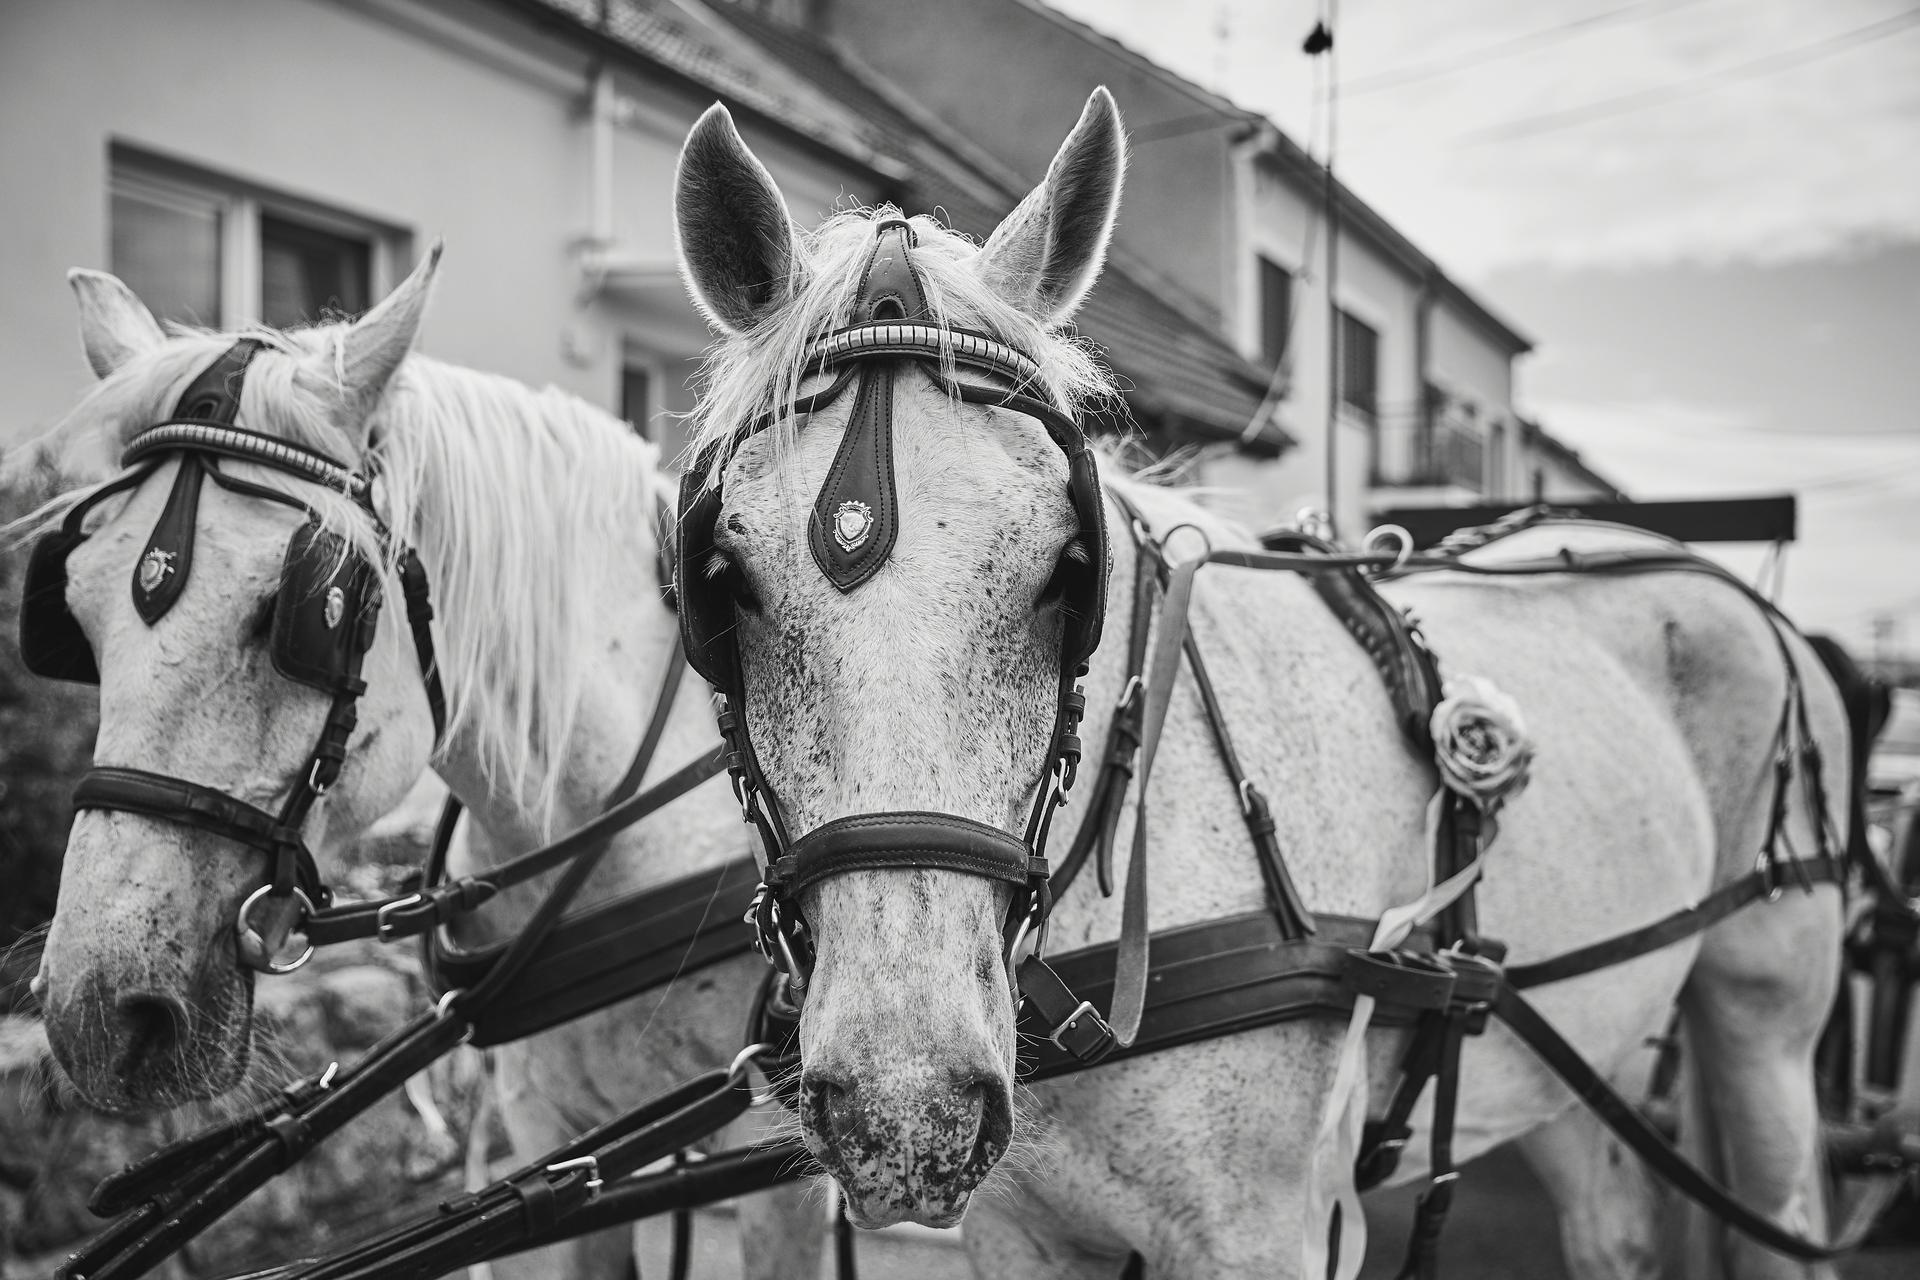 Svatba 6.6.2020 - Koně: Ranč Divoká růže  Překvapení od rodičů aneb nevěsta jede v kočáře.